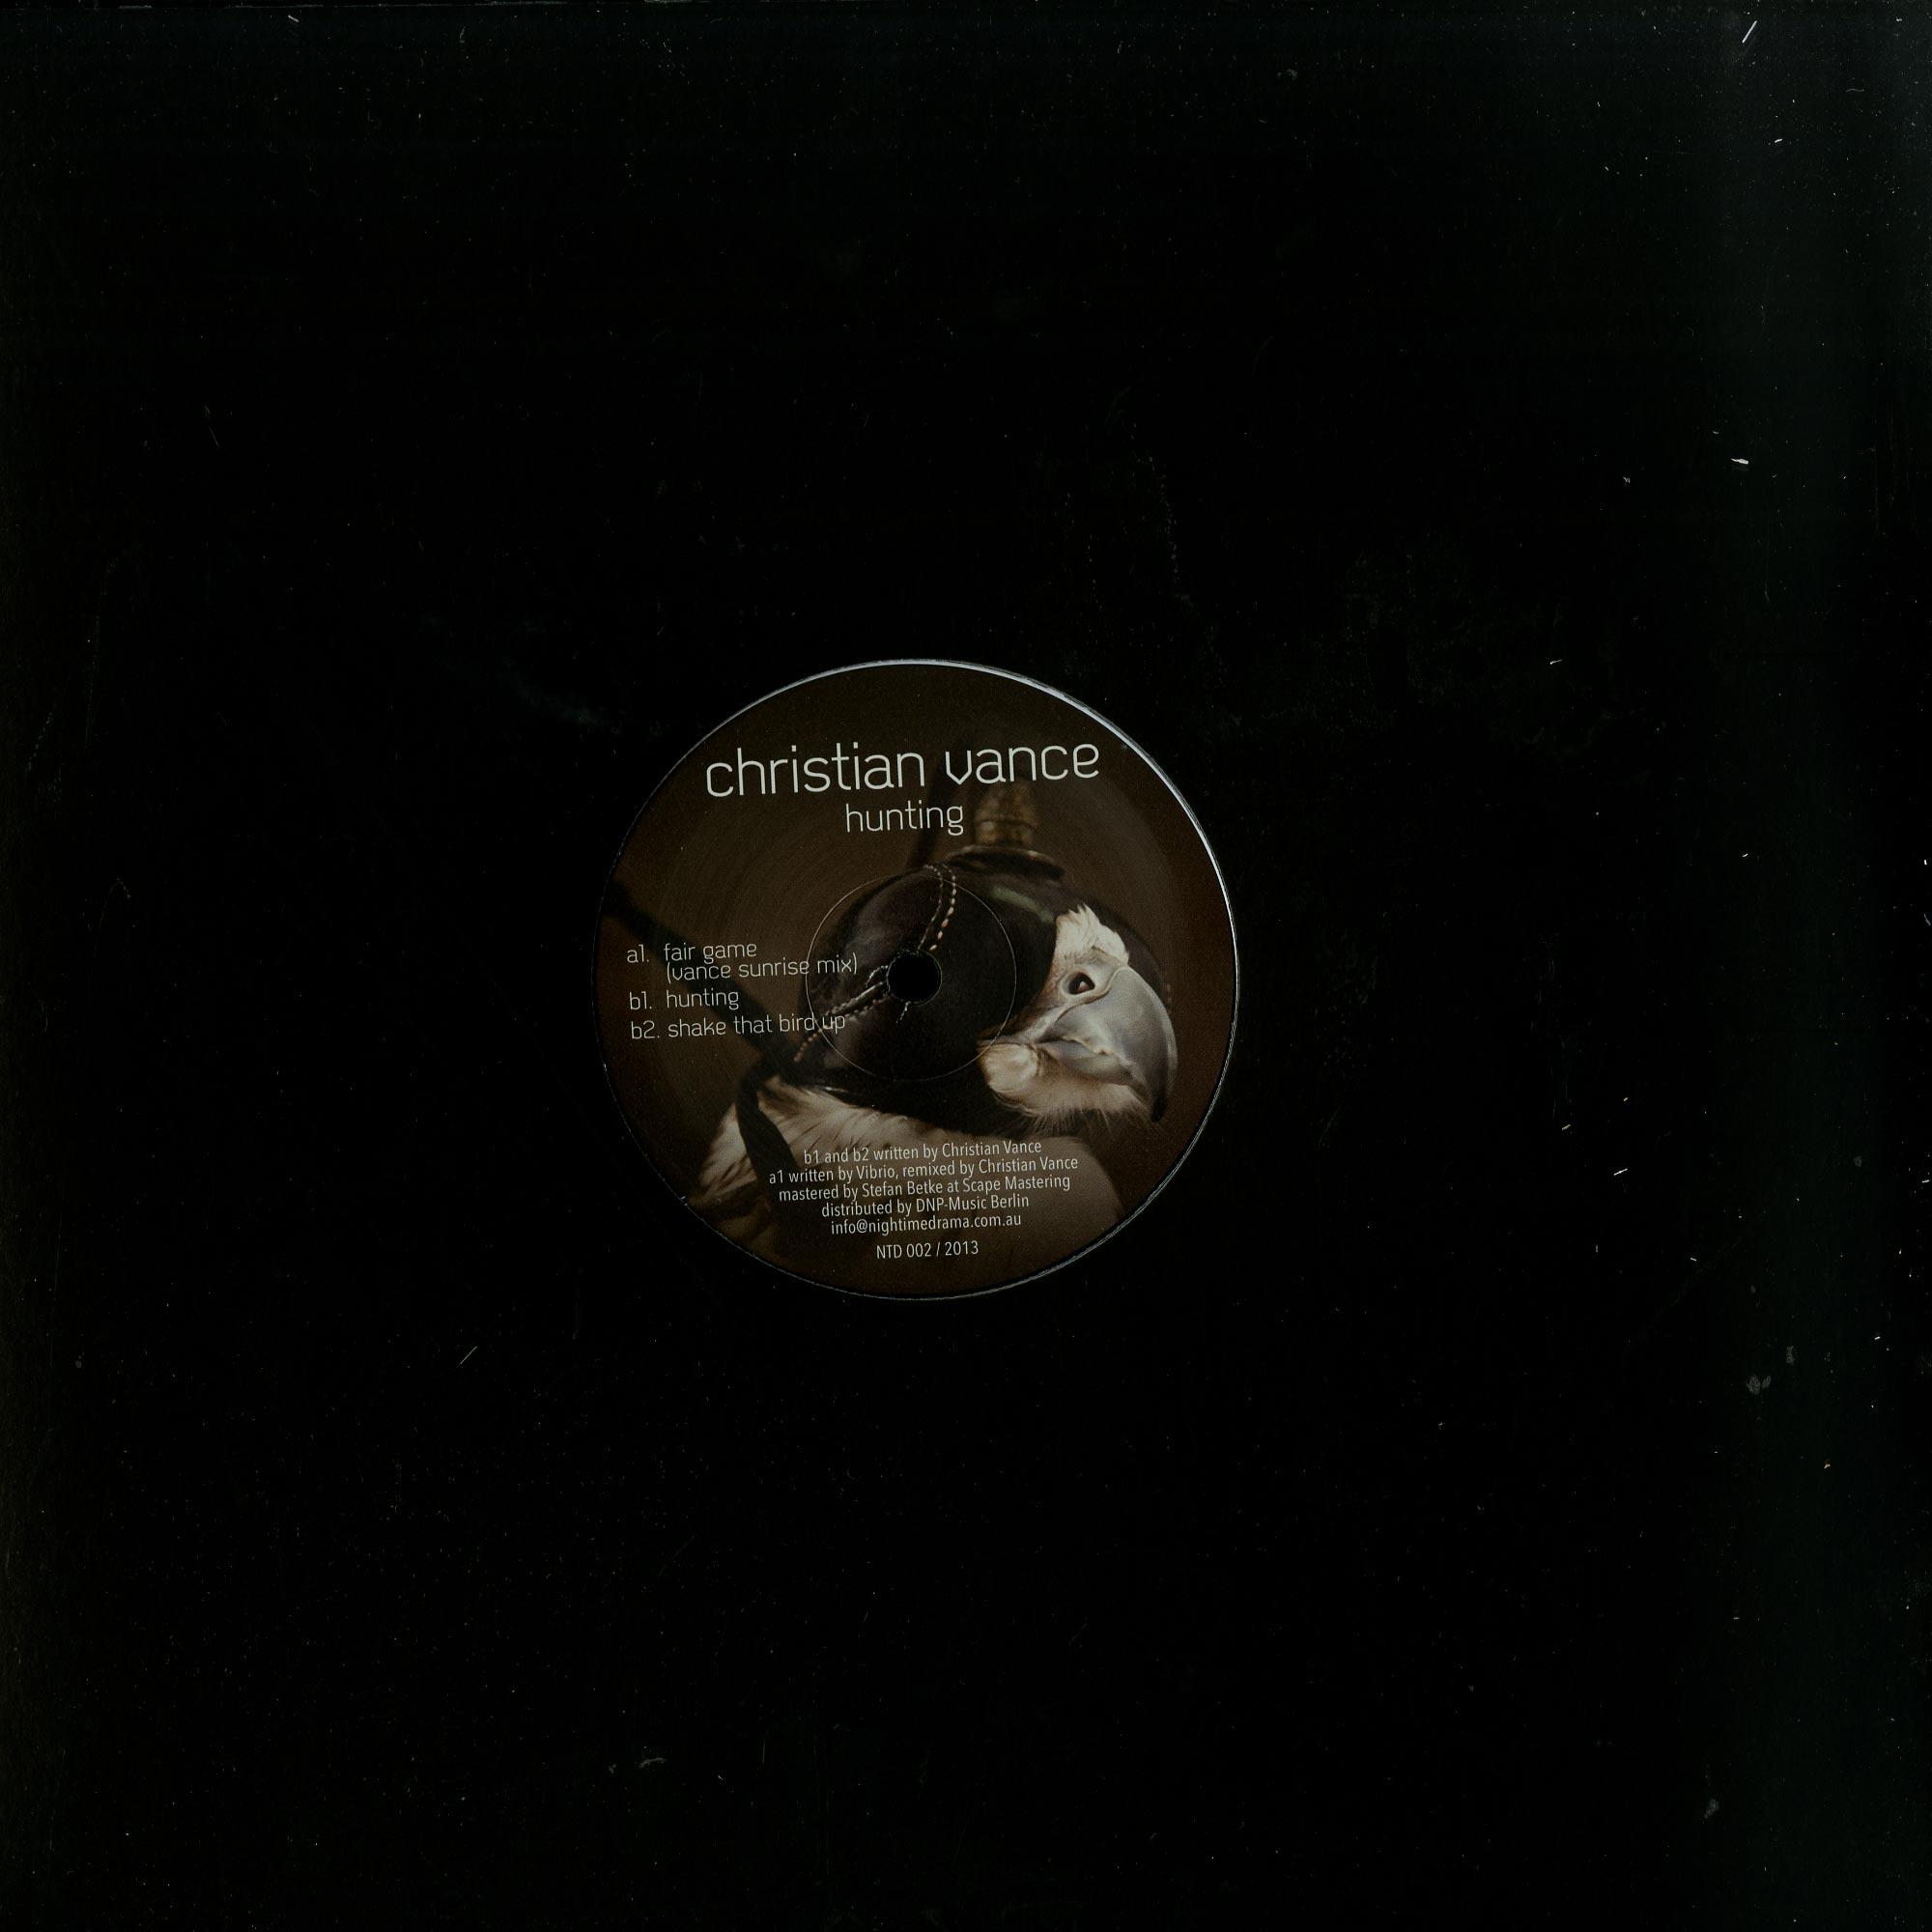 Christian Vance - HUNTING EP